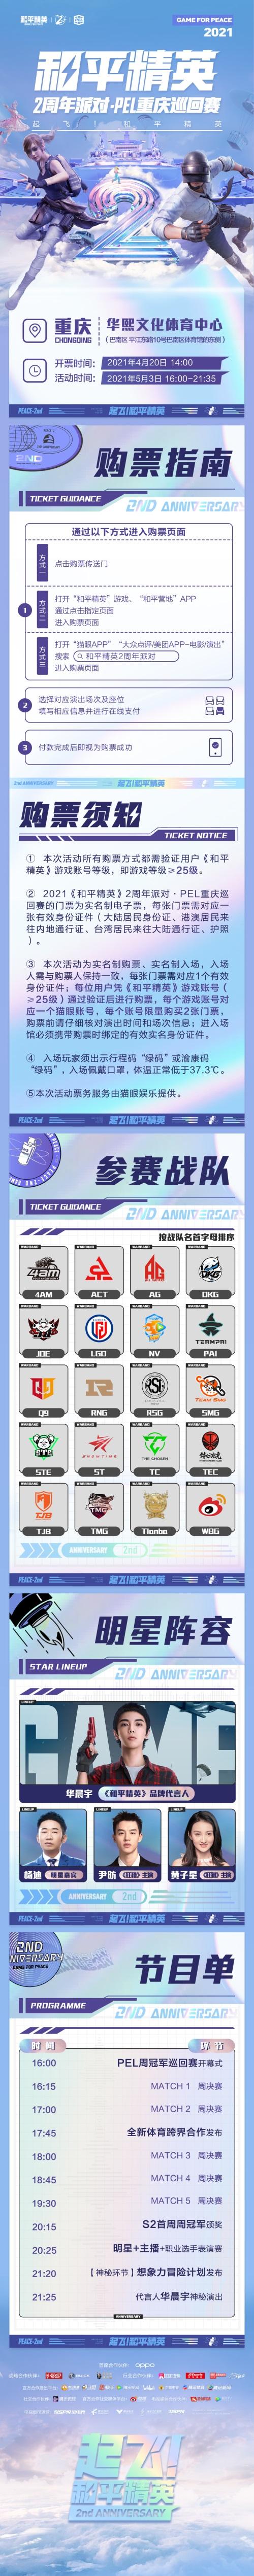 【捕鱼王】《和平精英》2周年派对 · PEL 重庆巡回赛4月20日开启售票!